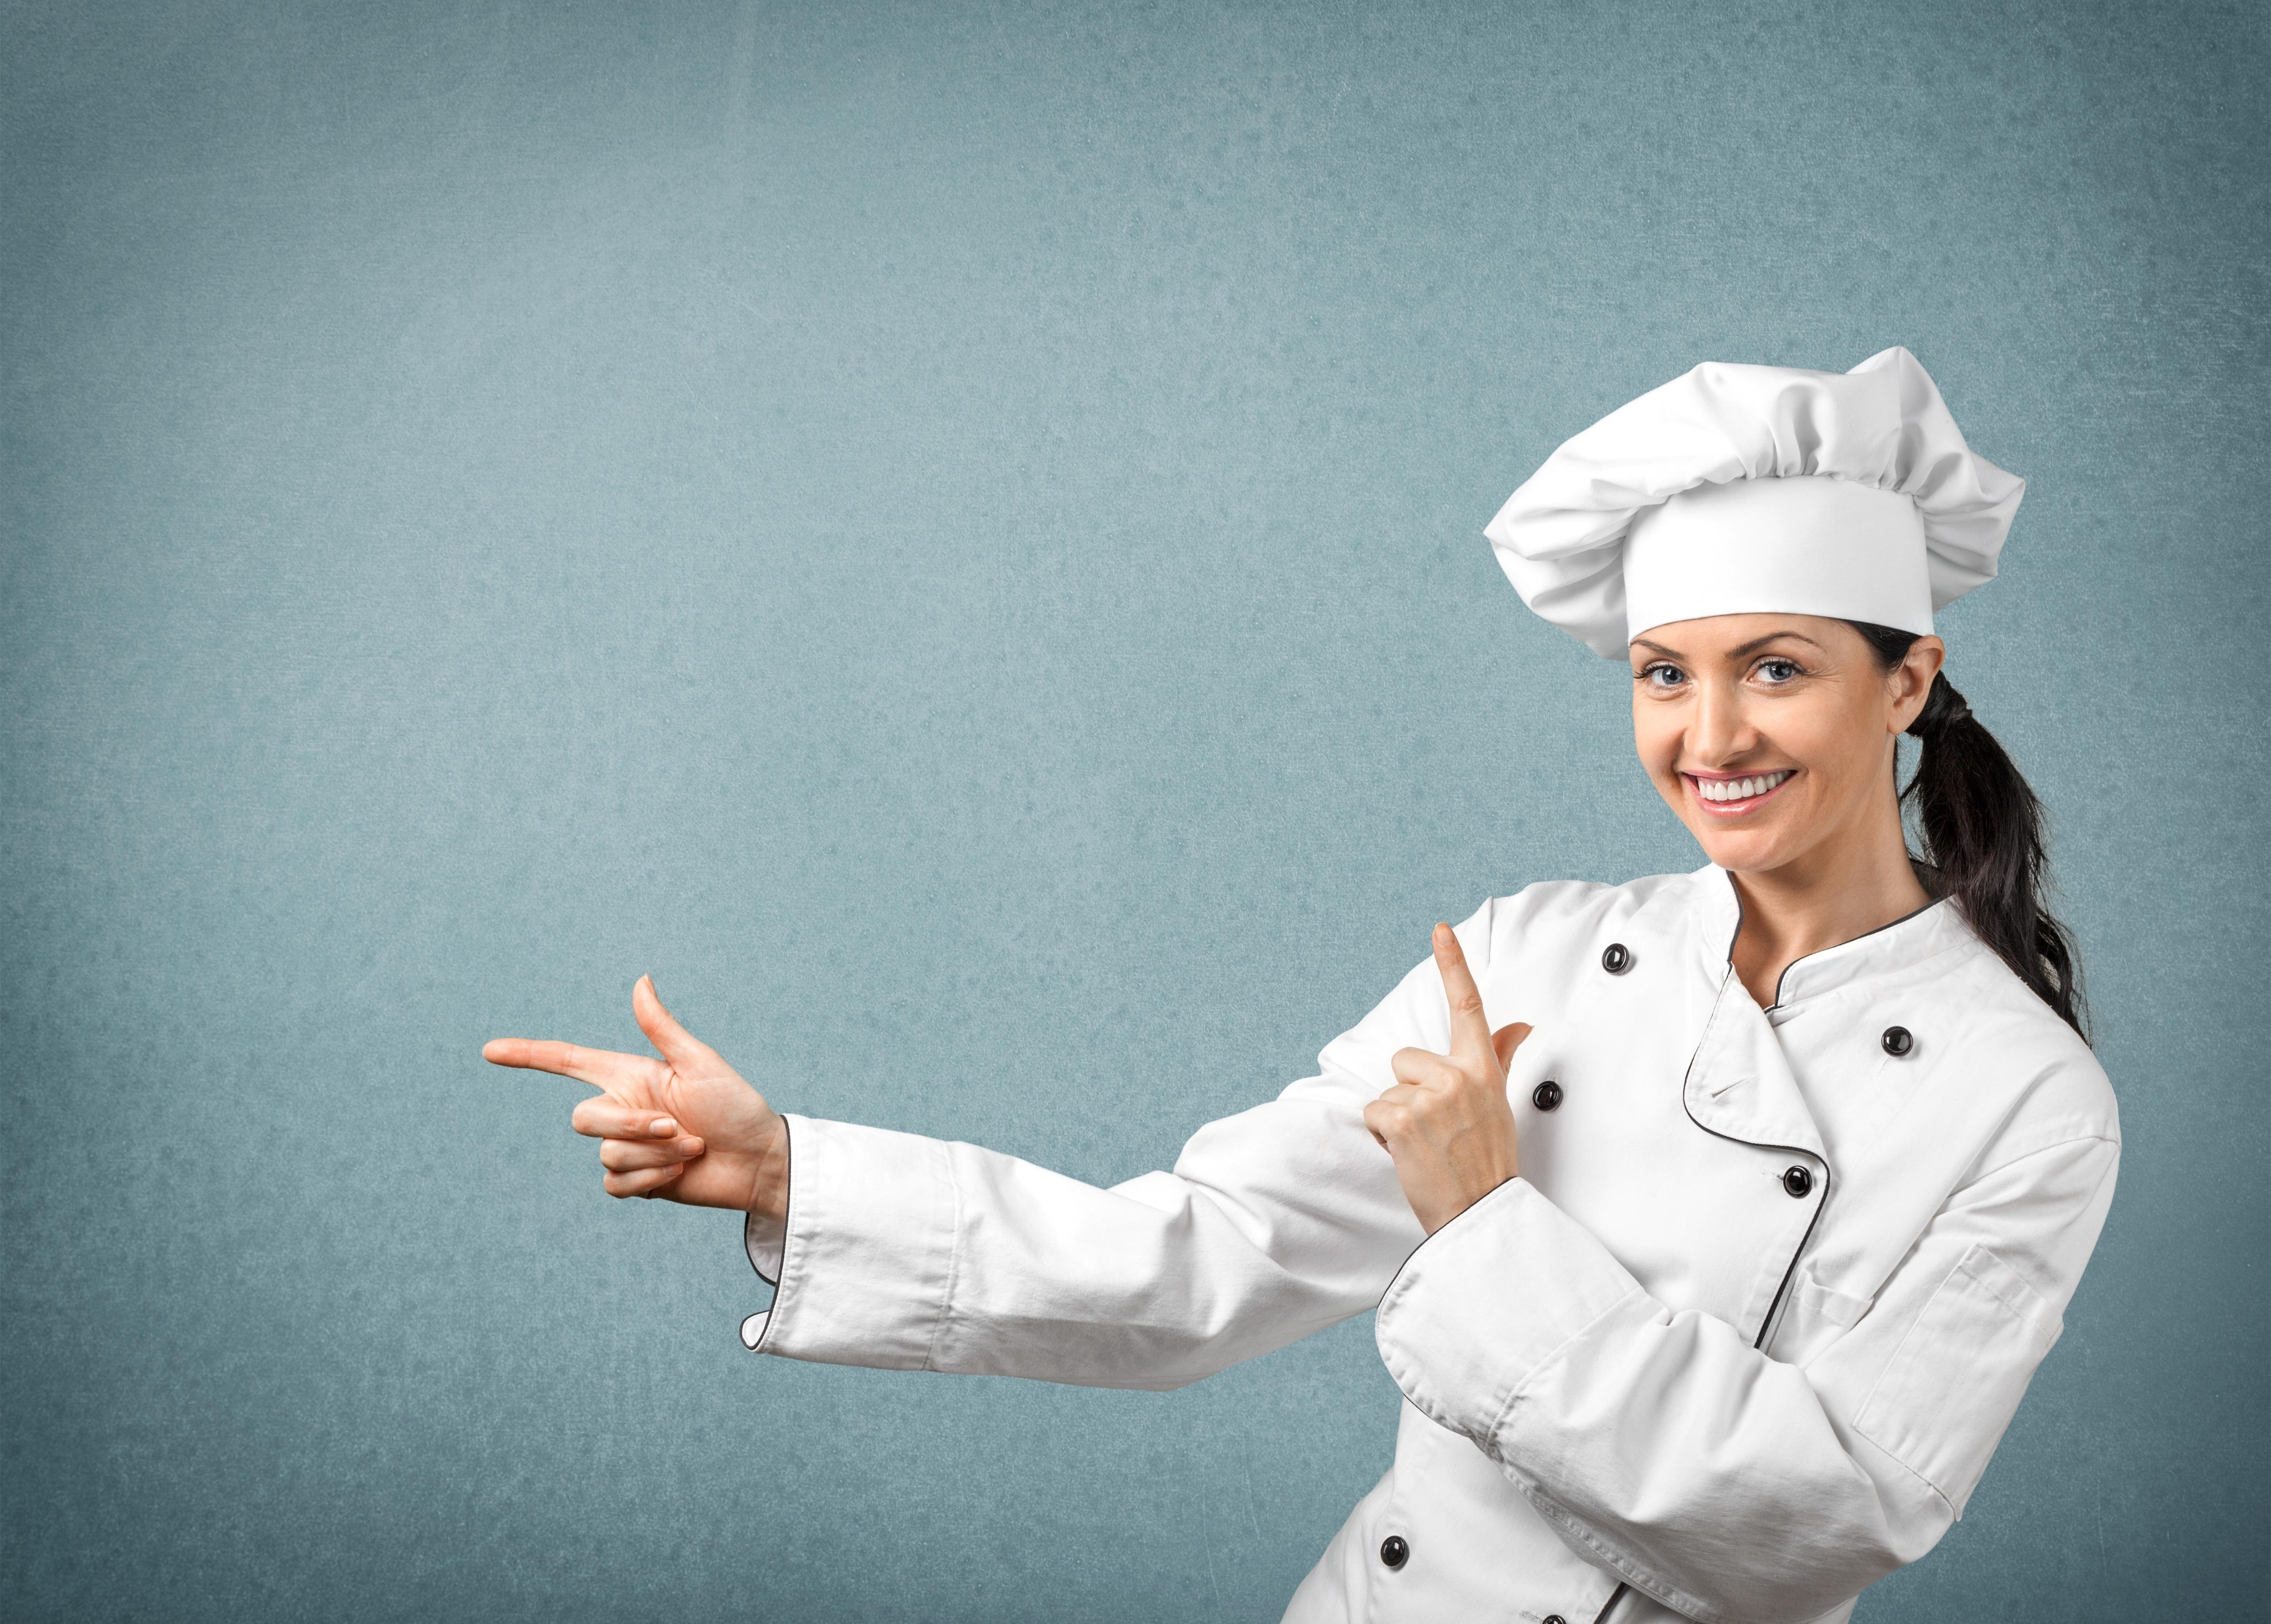 повар универсал картинка подойдет тем